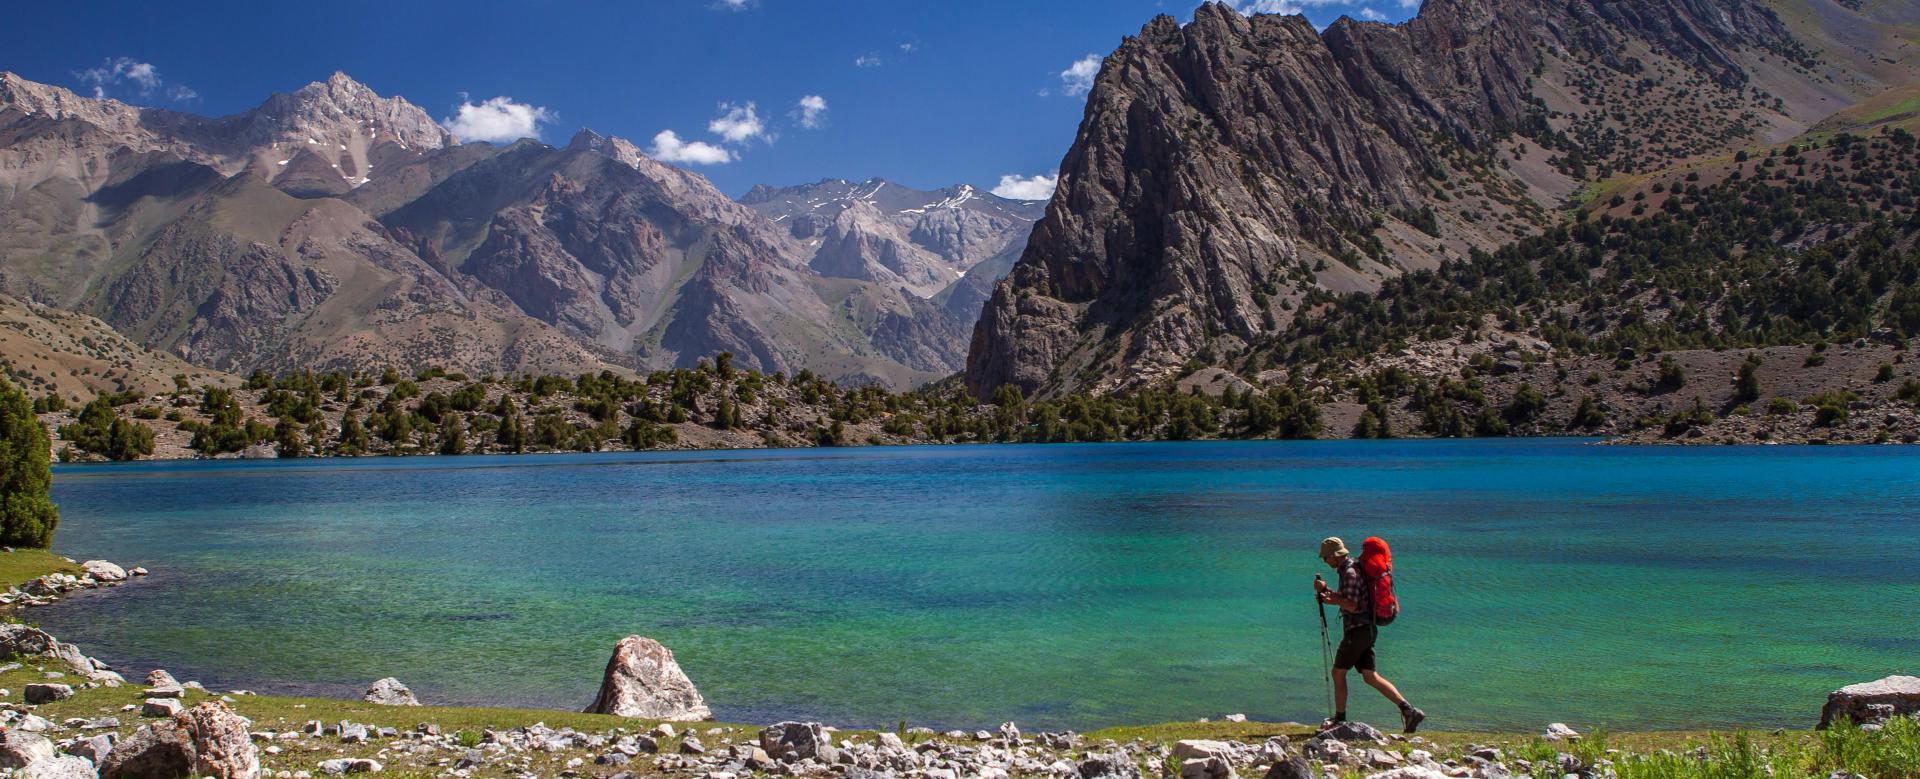 Voyage à pied Tadjikistan : Monts et merveilles d'orient